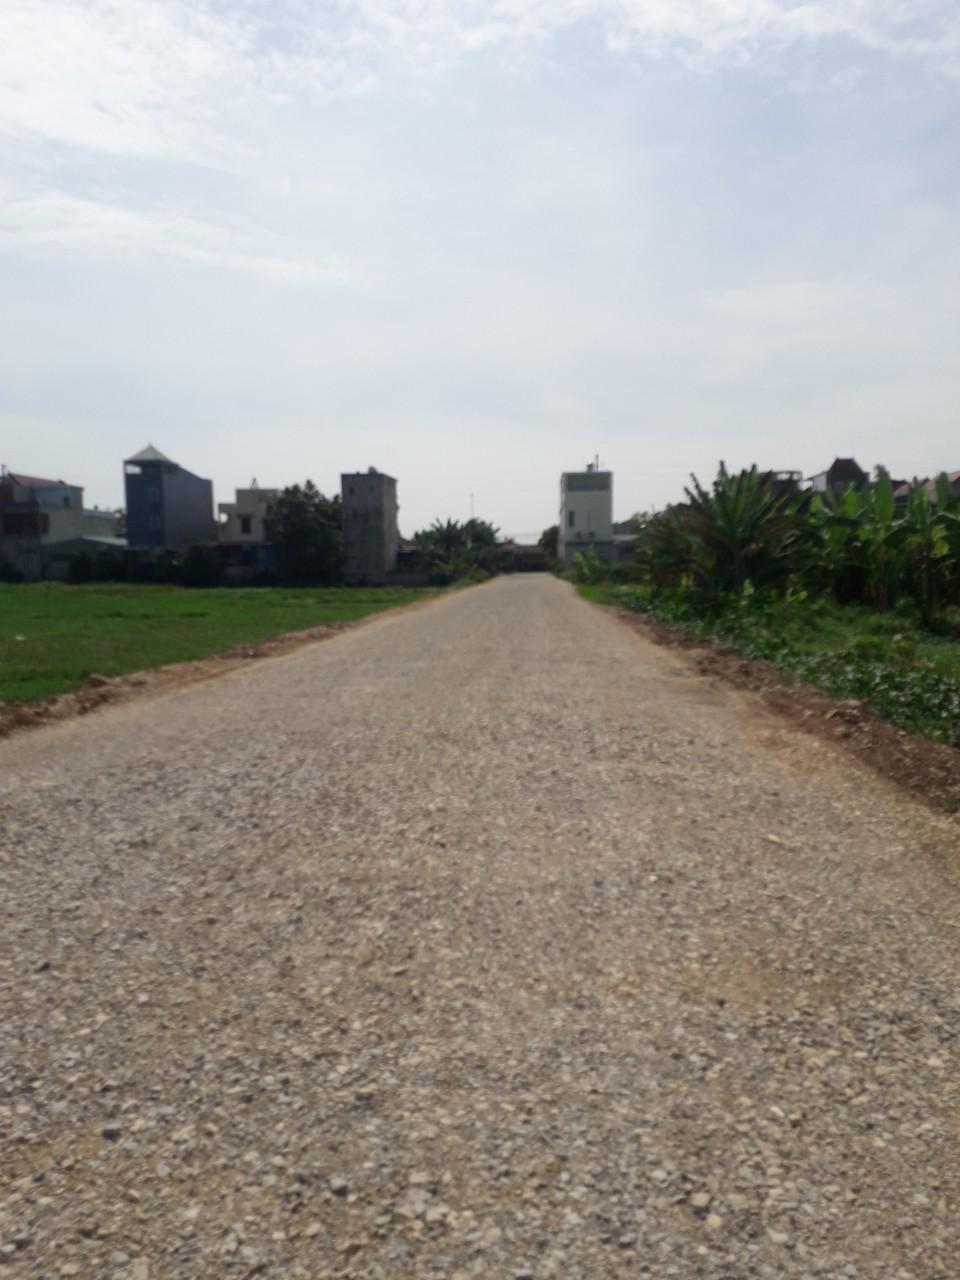 Cần bán Nhà trọ - Phòng trọ đường Trần Bá Lương, Phường Hưng Đạo, Diện tích 135m², Giá 2.45 Tỷ - LH: 0942448192